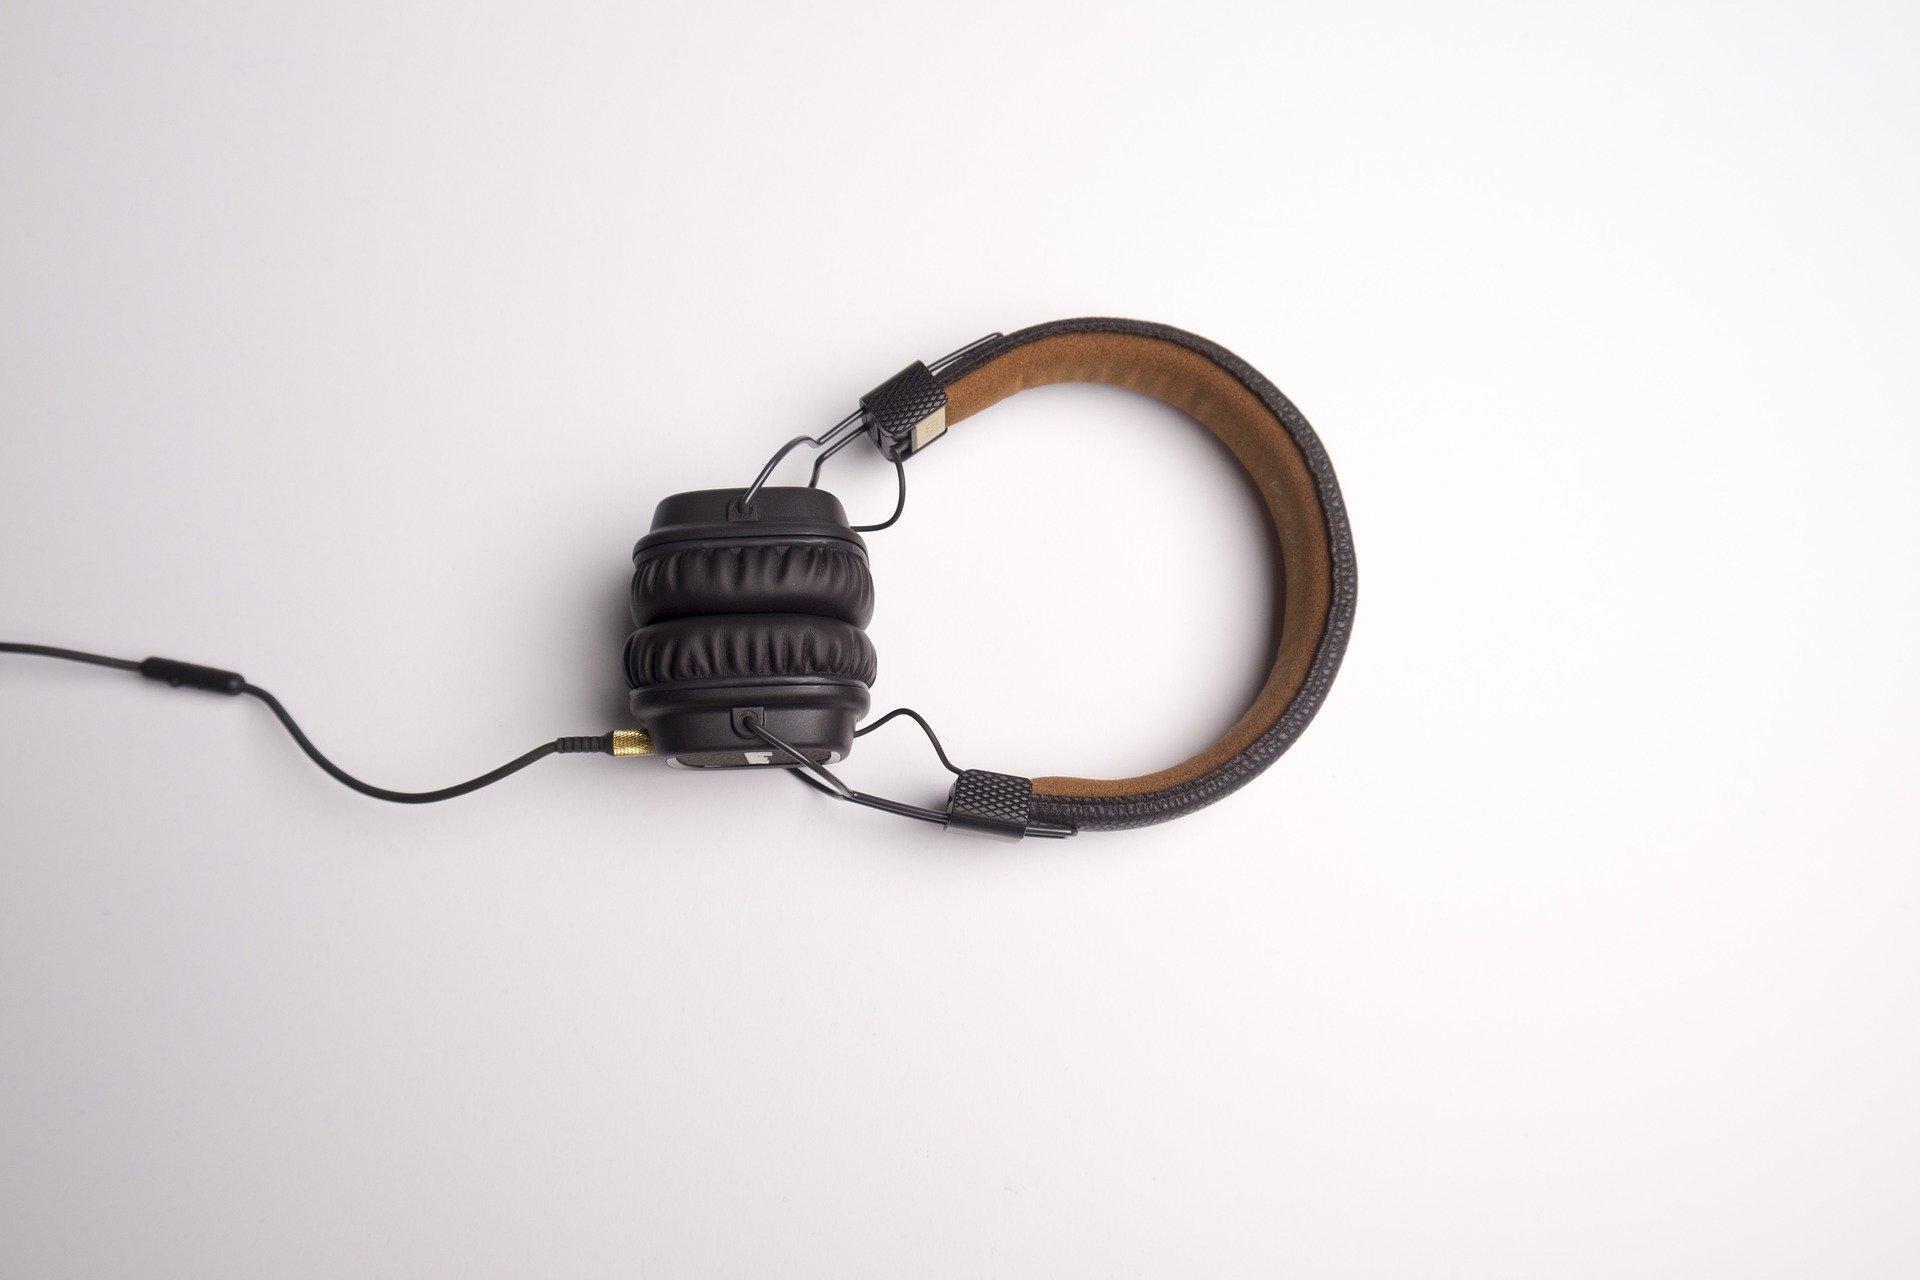 現代人に増えている難聴とその原因、対処法とは?